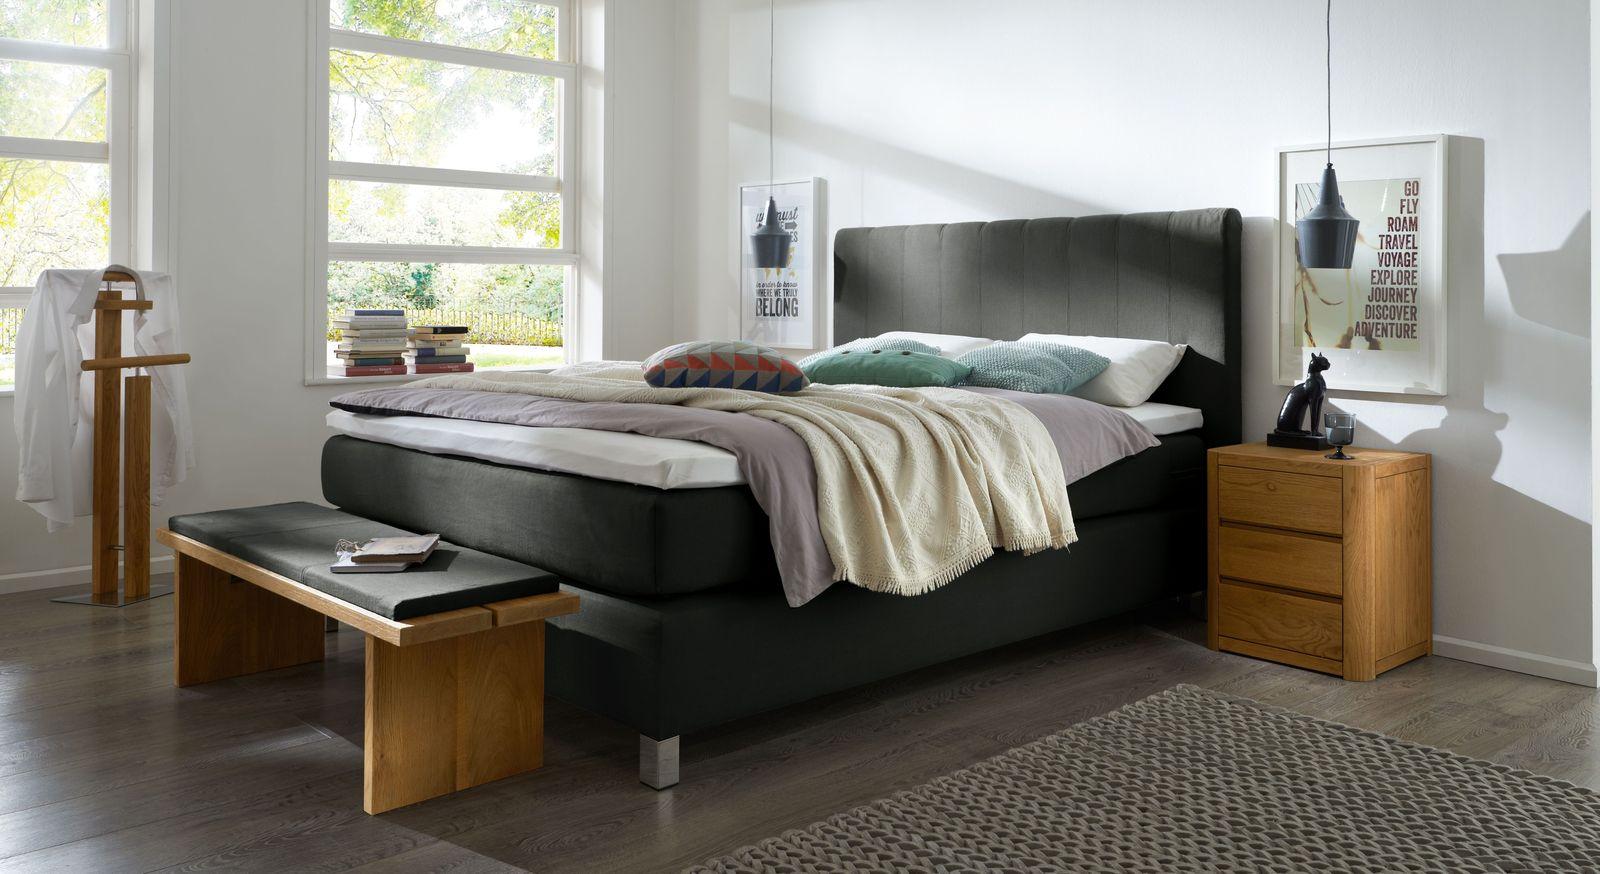 Boxspringbett Paguera mit passenden Schlafzimmer-Accessoires